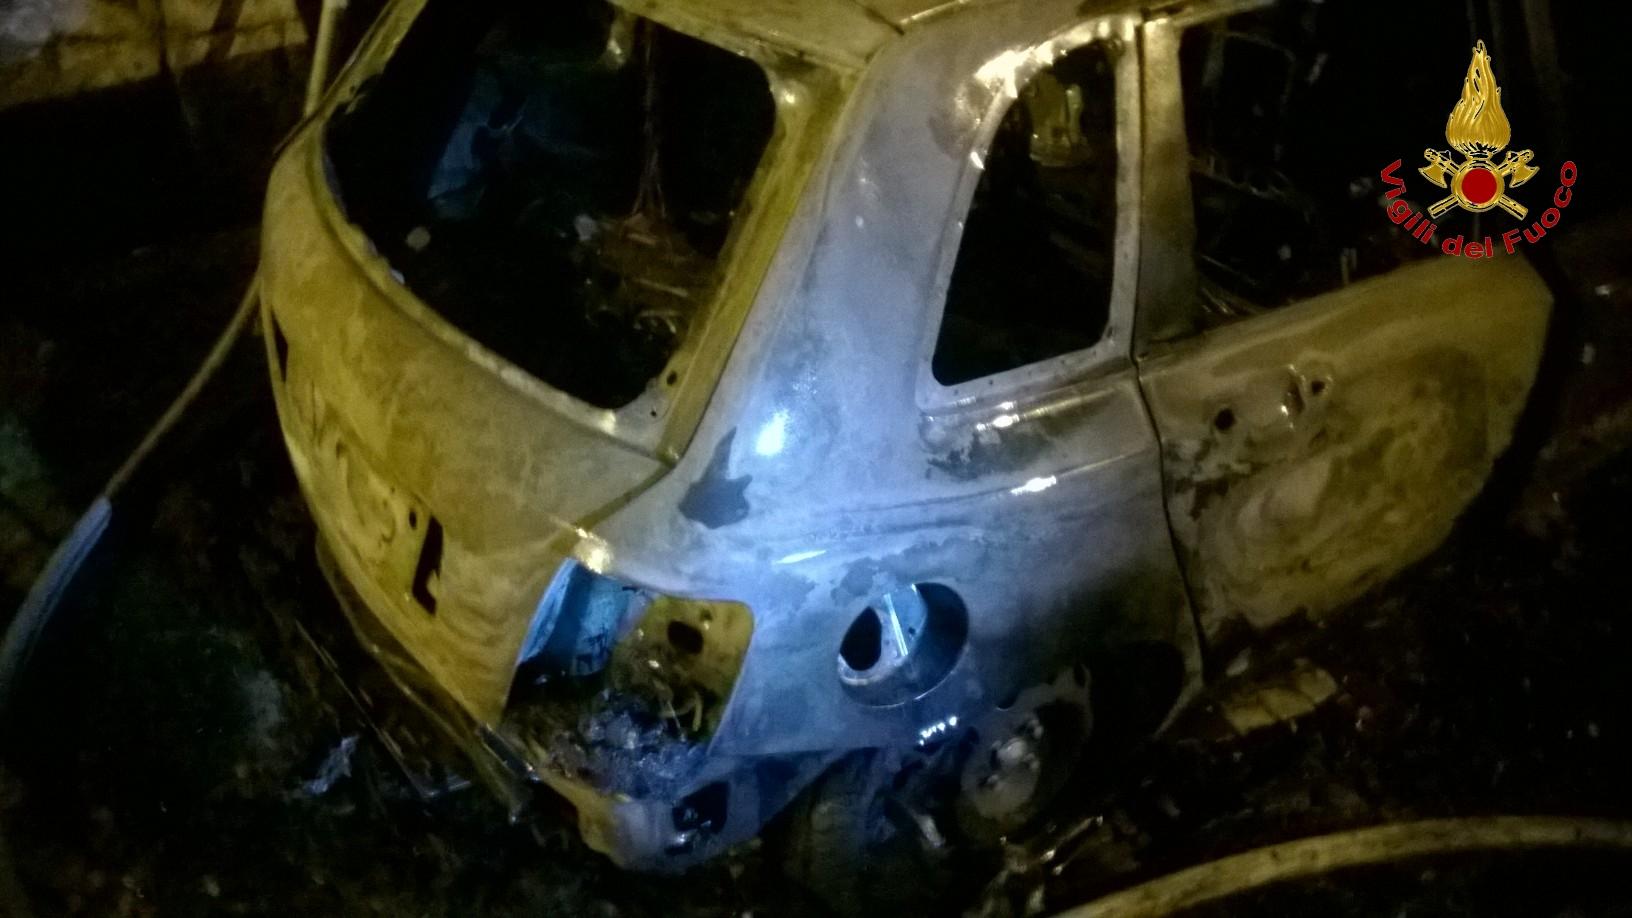 Bonea, incendiata auto nella notte. Indagini ancora in corso